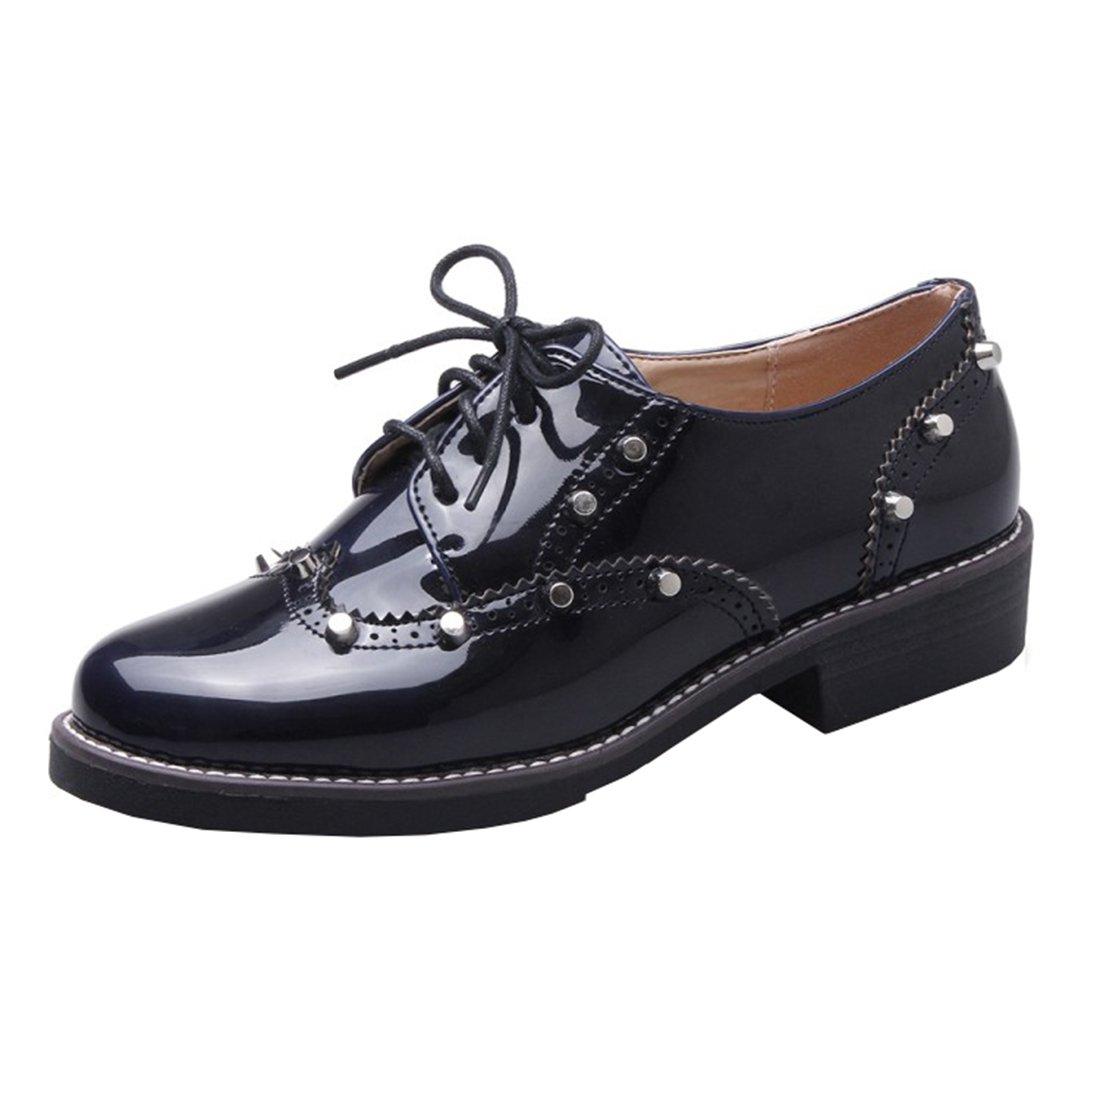 UH Bequeme Damen Flache Heels Lack Pumps mit Schnuuml;rung und Nieten Freizeit Vintage Schuhe36 EU|Blau